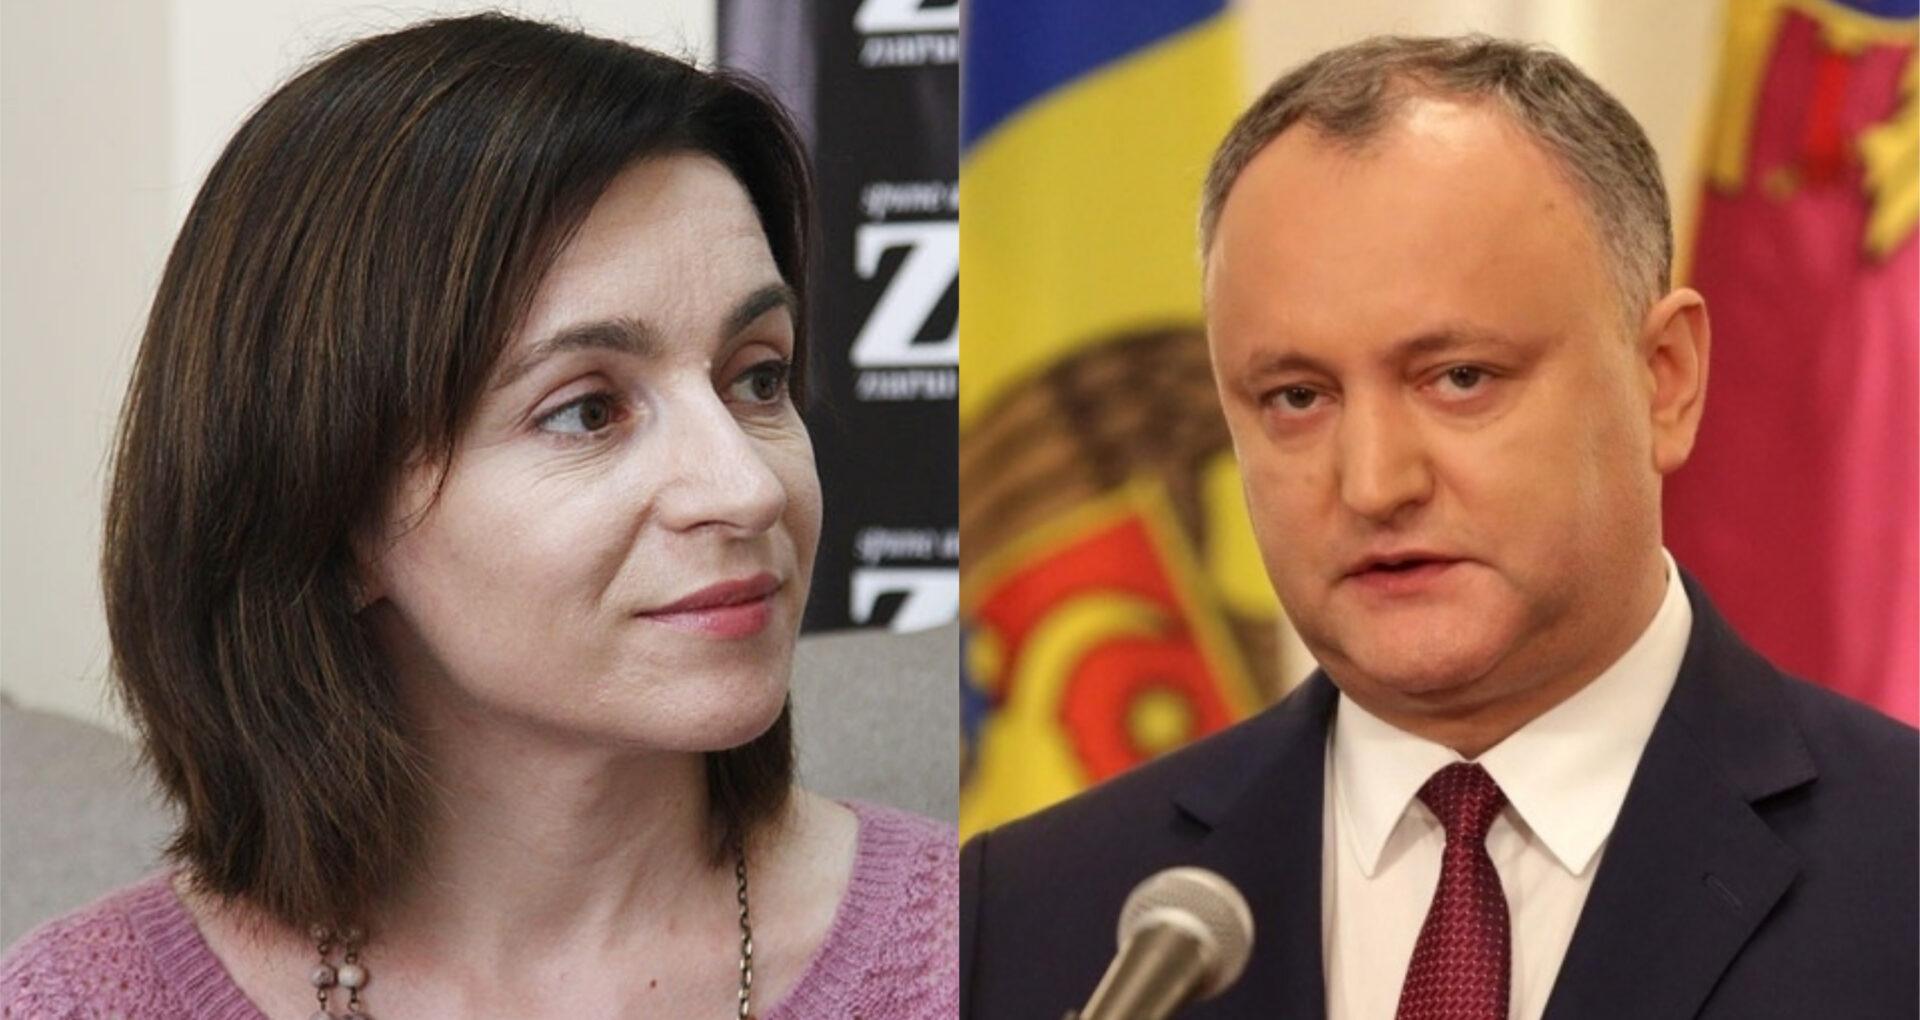 Sondaj BOP: Maia Sandu și Igor Dodon au cele mai mari şanse să ajungă în turul al doilea al alegerilor prezidențiale